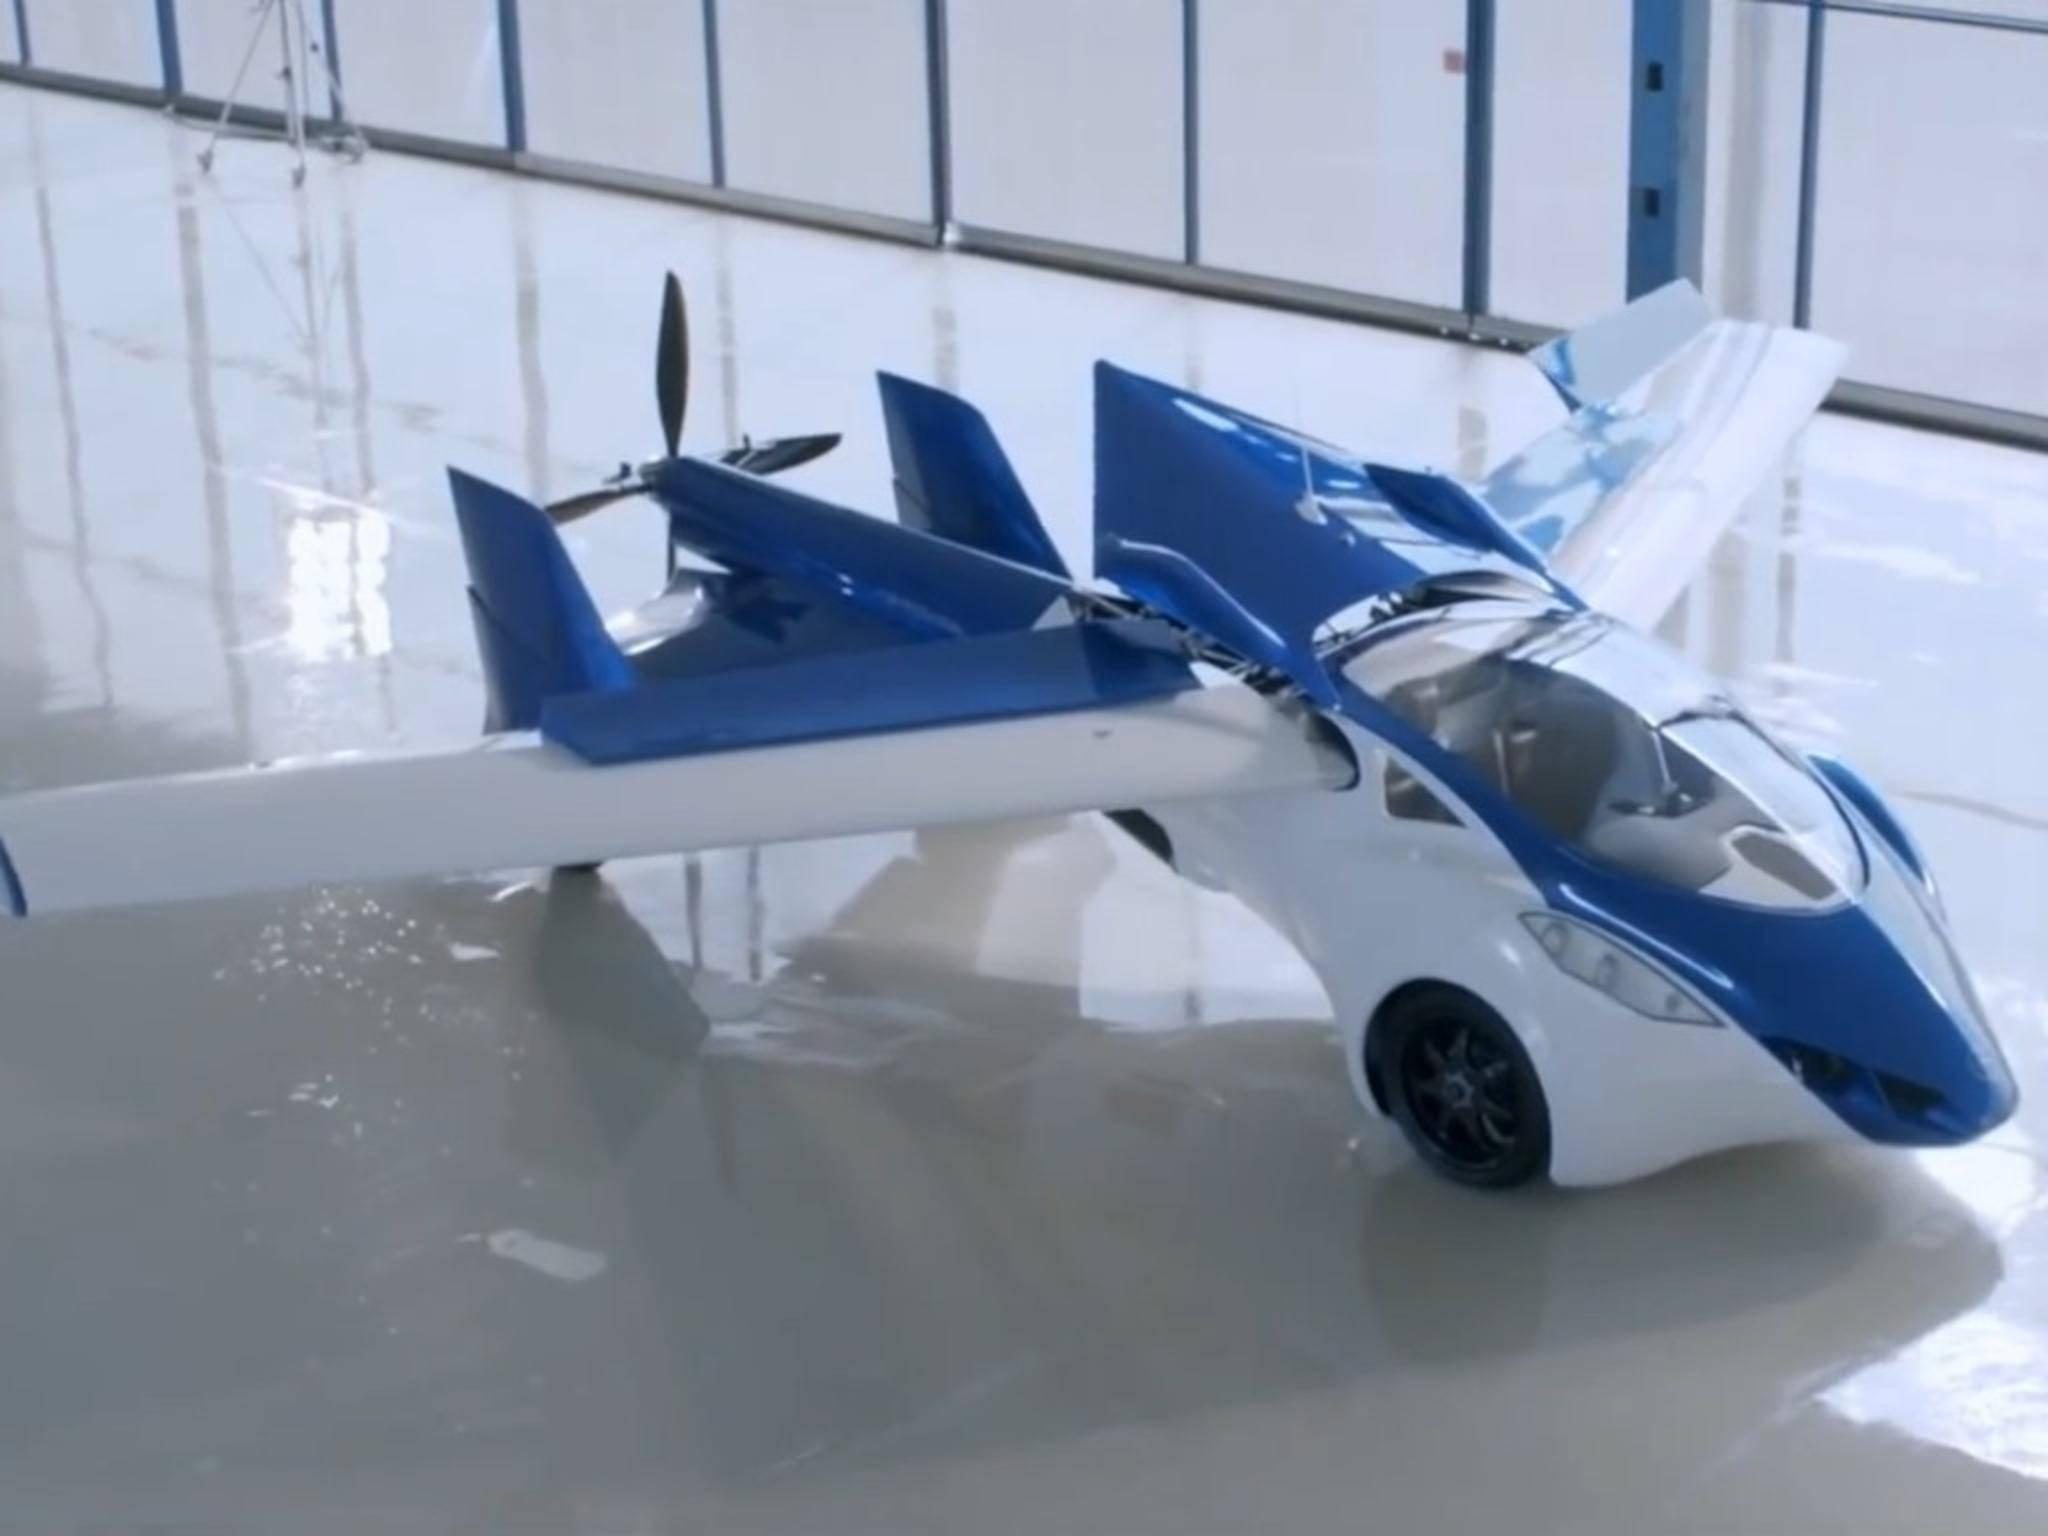 Aus dem AeroMobil 3.0 Prototyp soll bis 2017 ein serienreifes Flugauto werden.